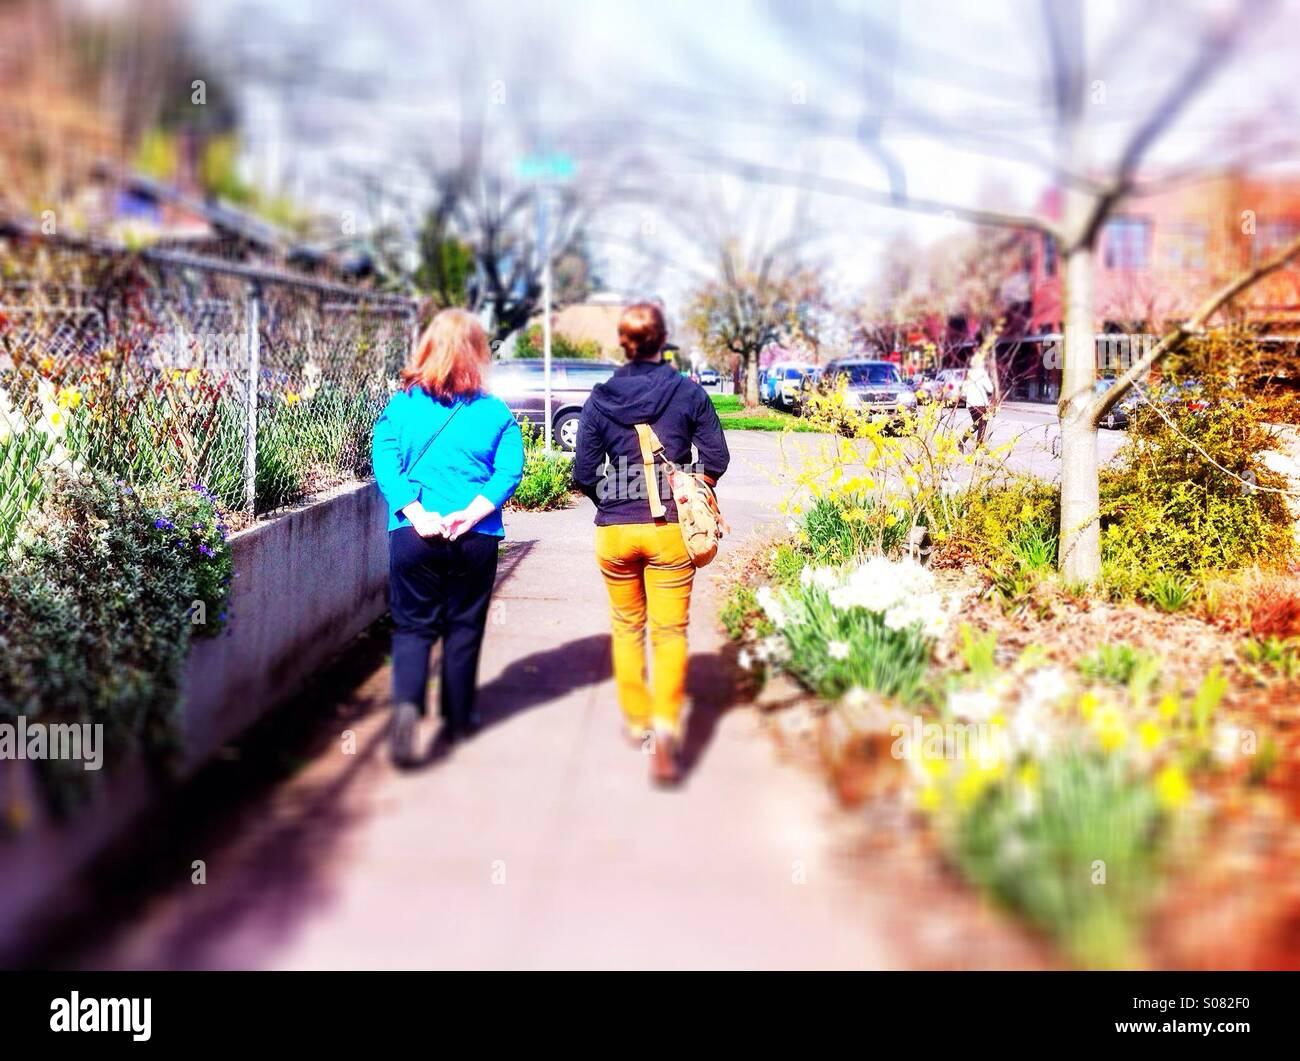 Two women walking on sidewalk in spring - Stock Image